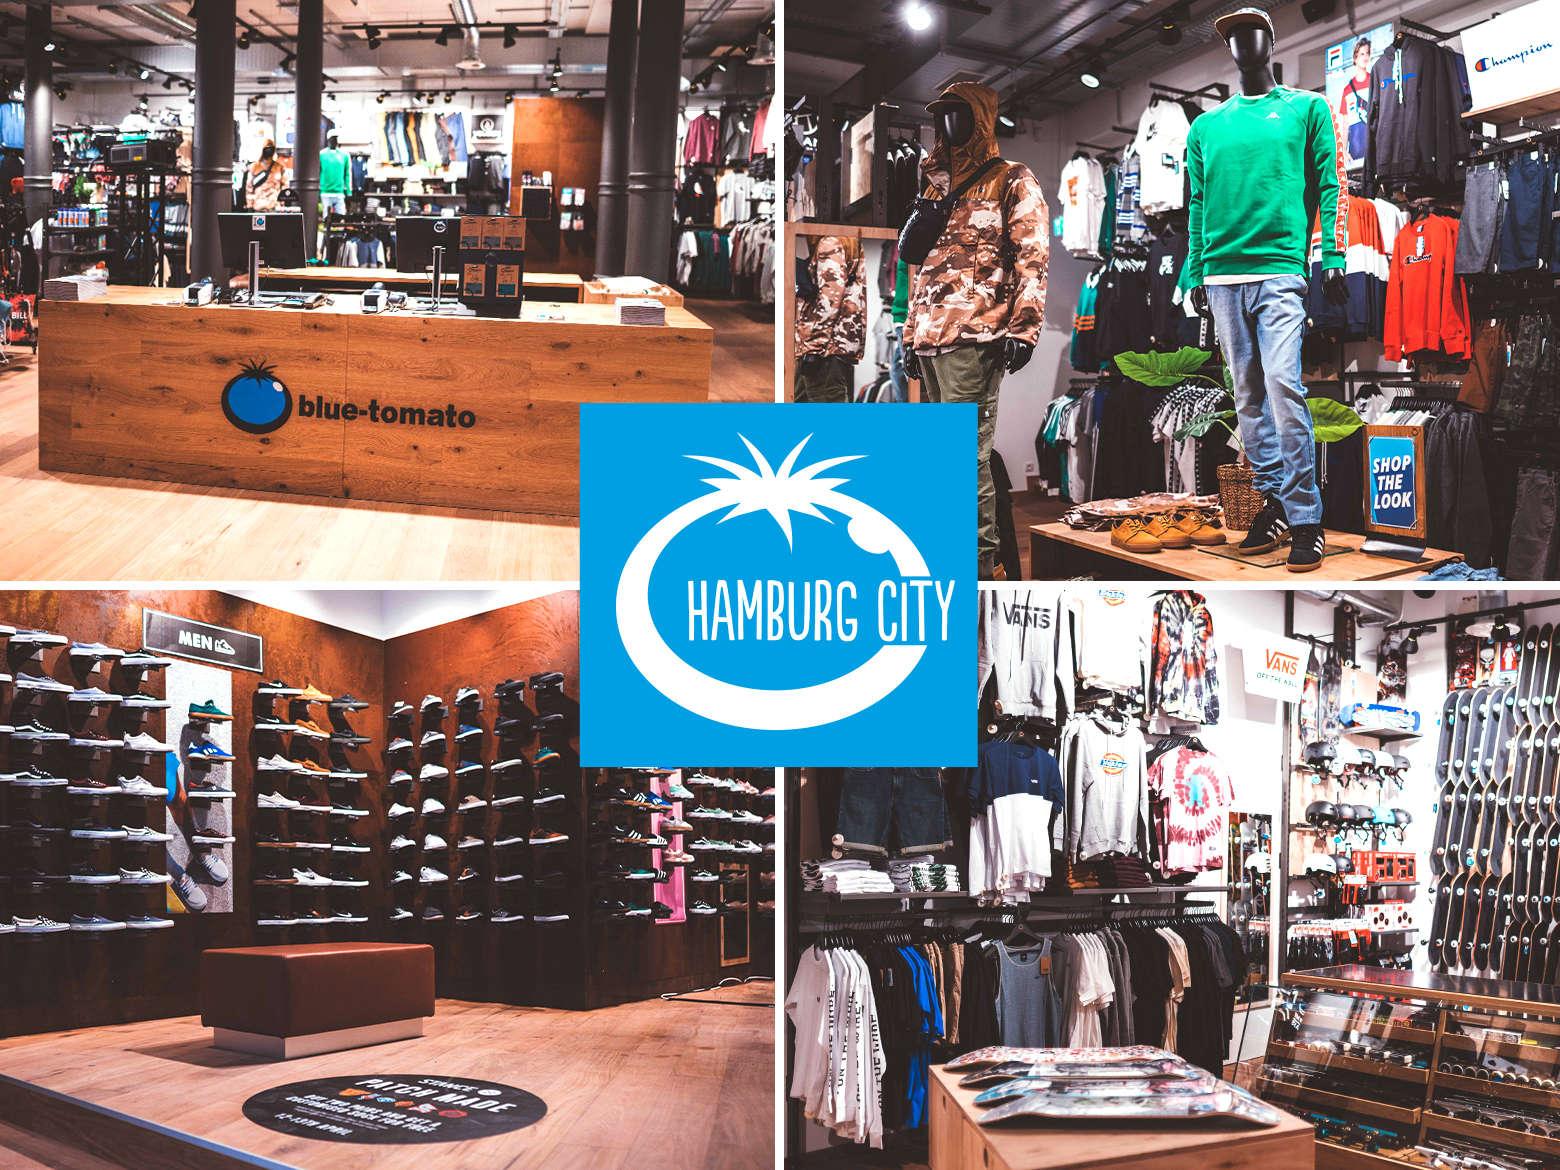 quality design cfa9d 1bb24 Blue Tomato Shop Hamburg City